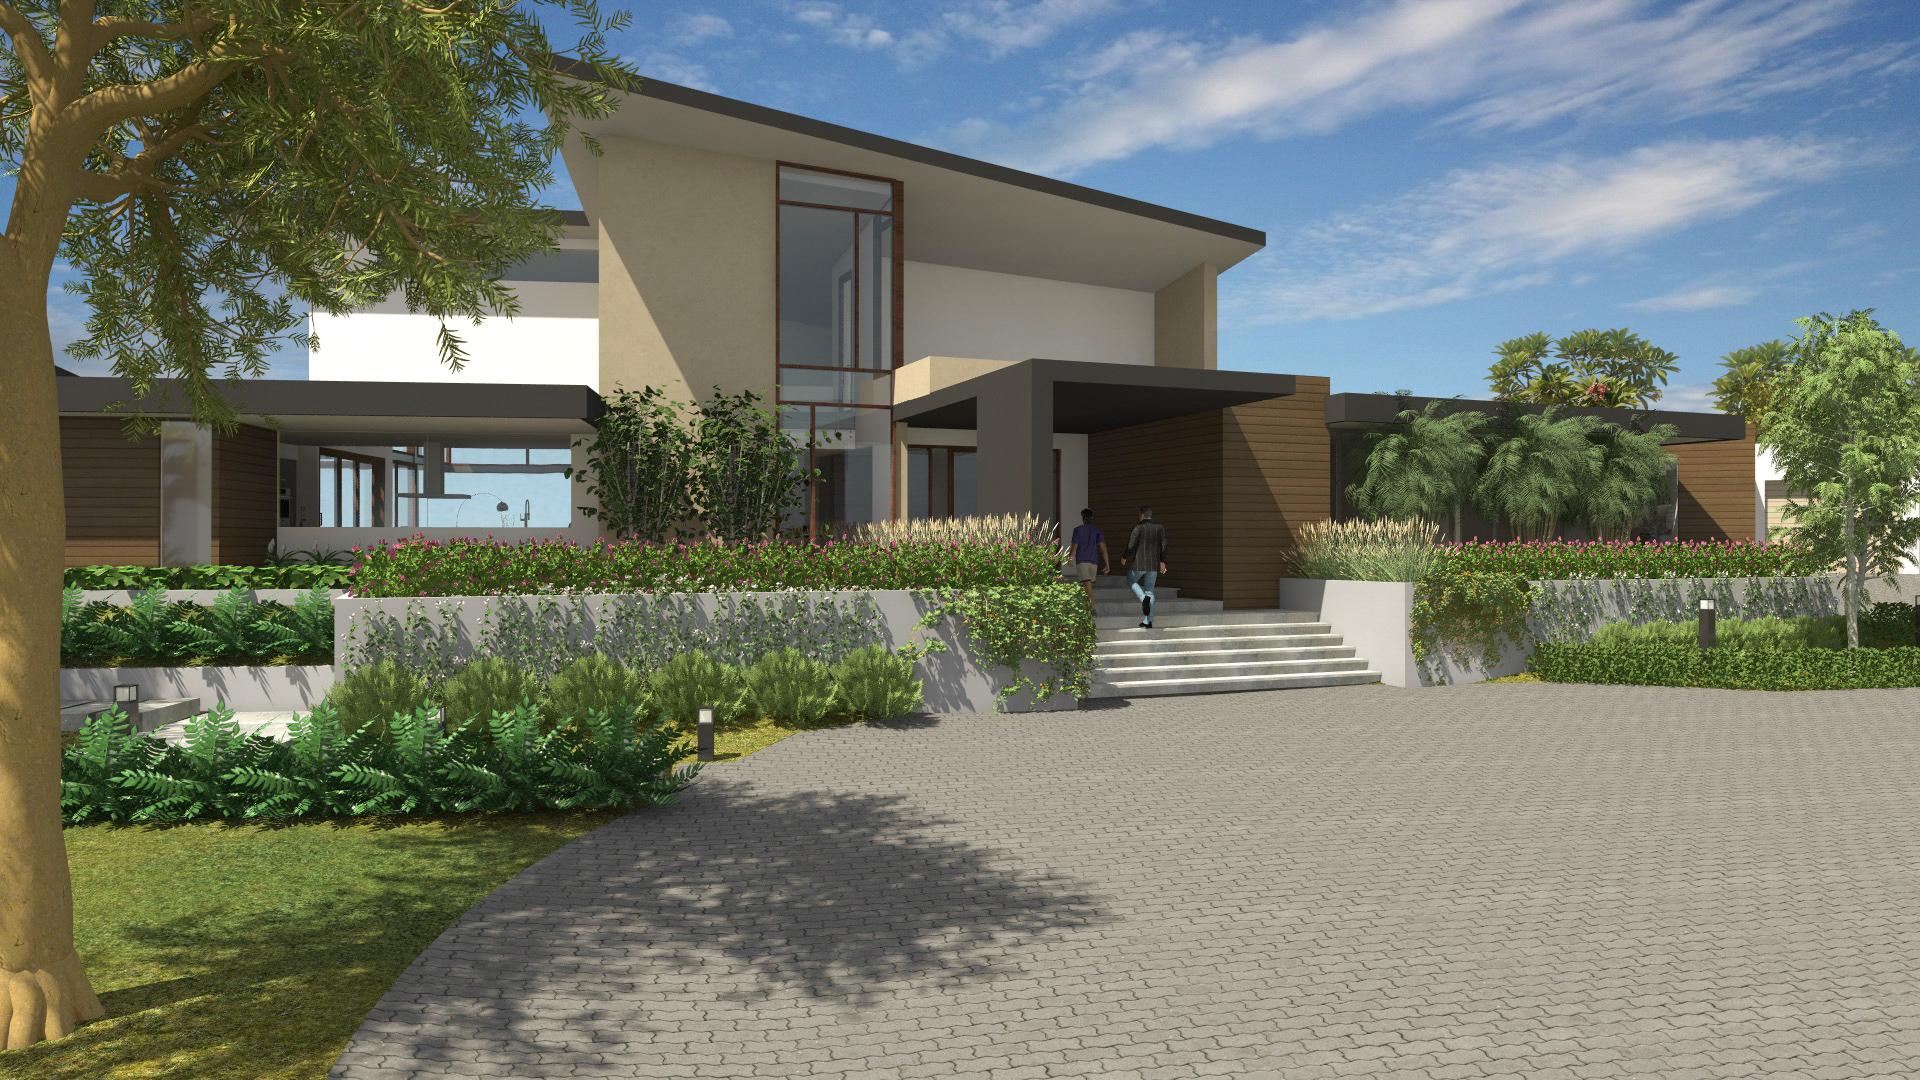 casa del toro - modern home renovation - sarco architects costa rica